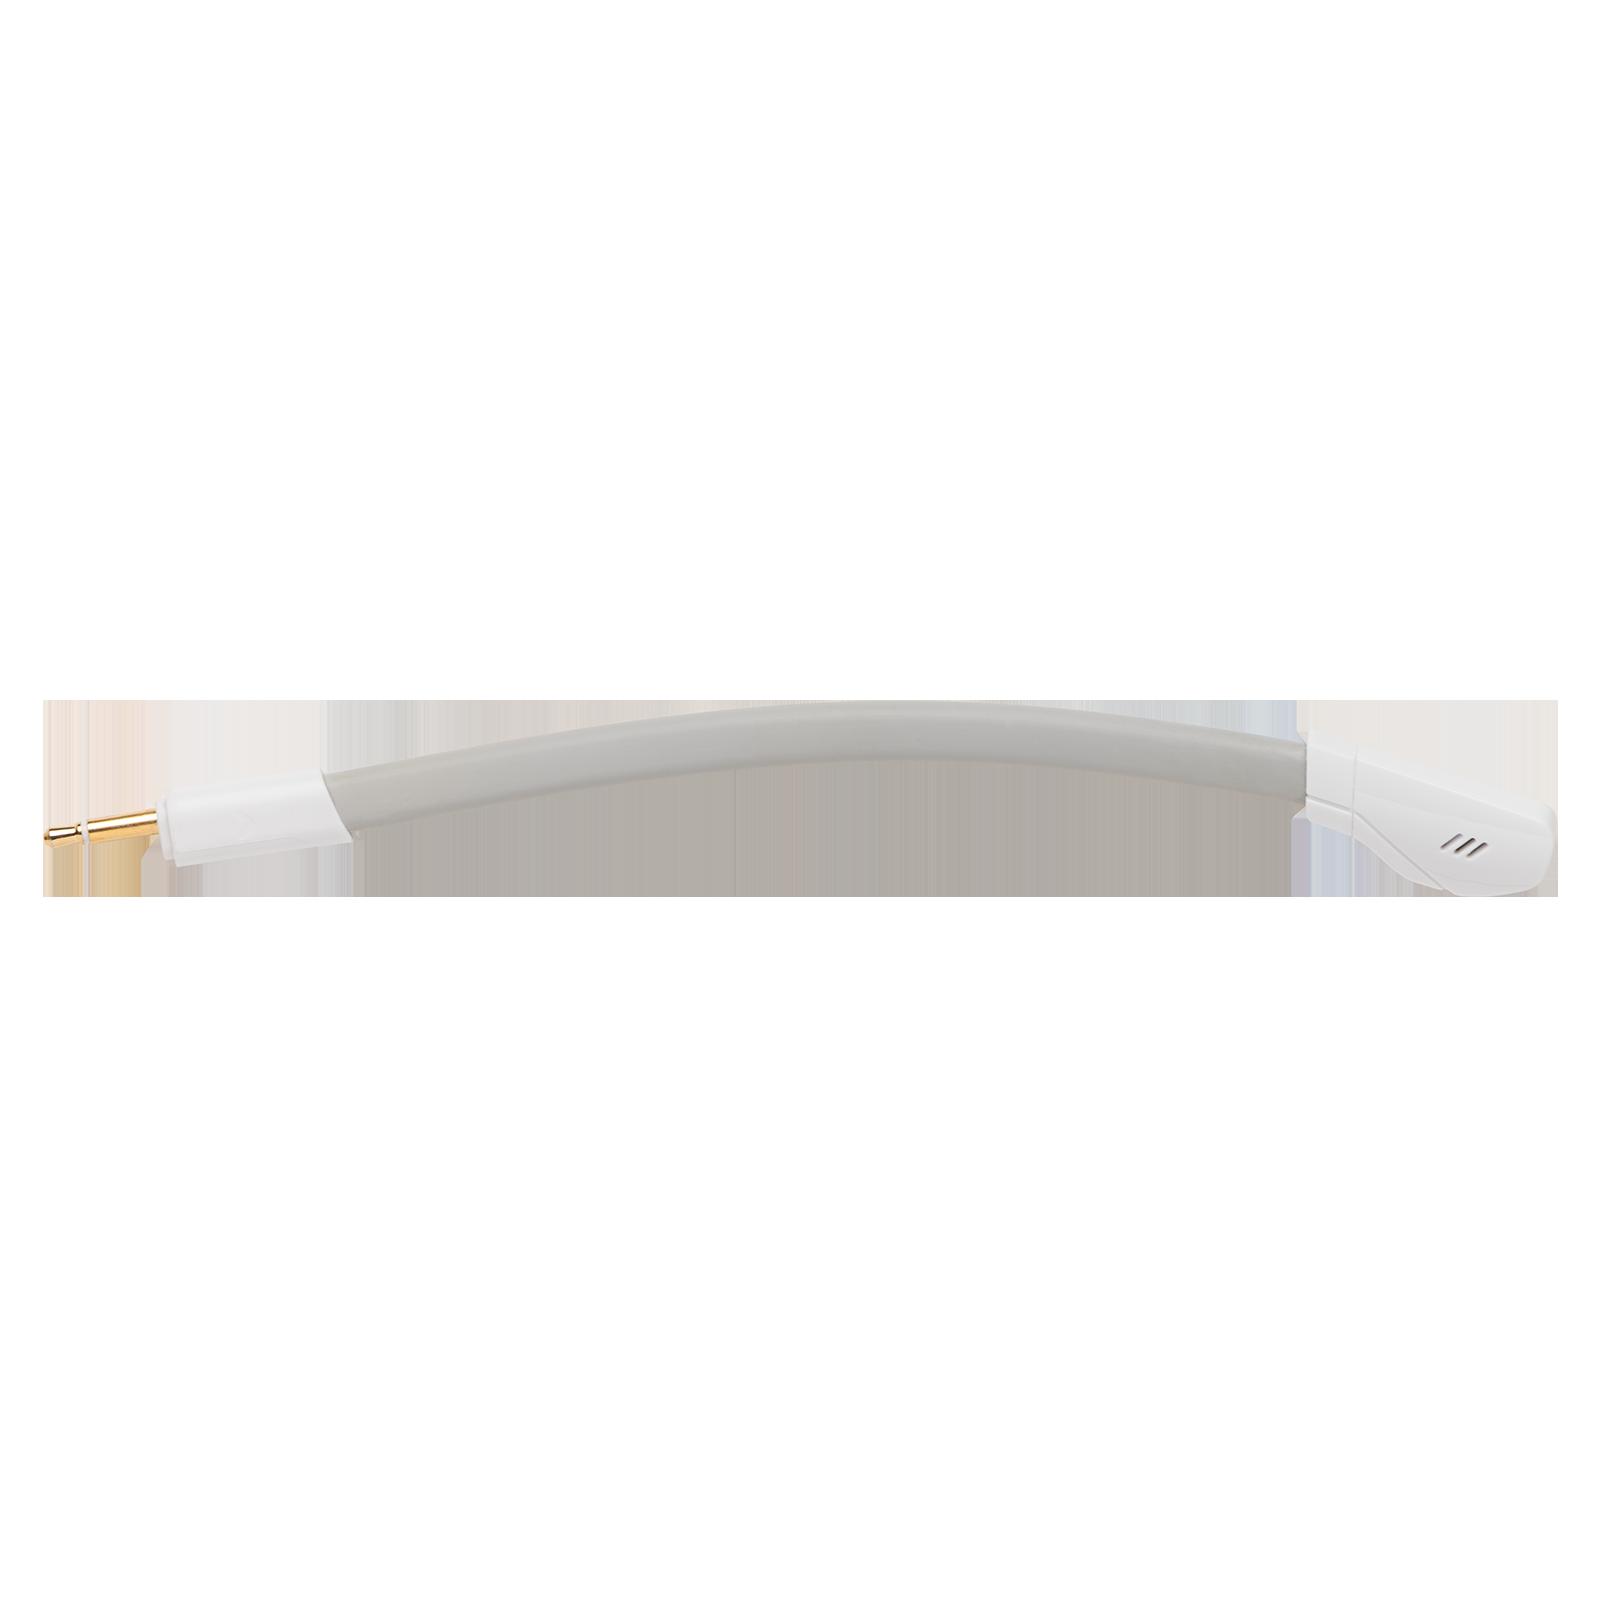 JBL Microphone for Quantum 100 - White - Boom microphone - Hero